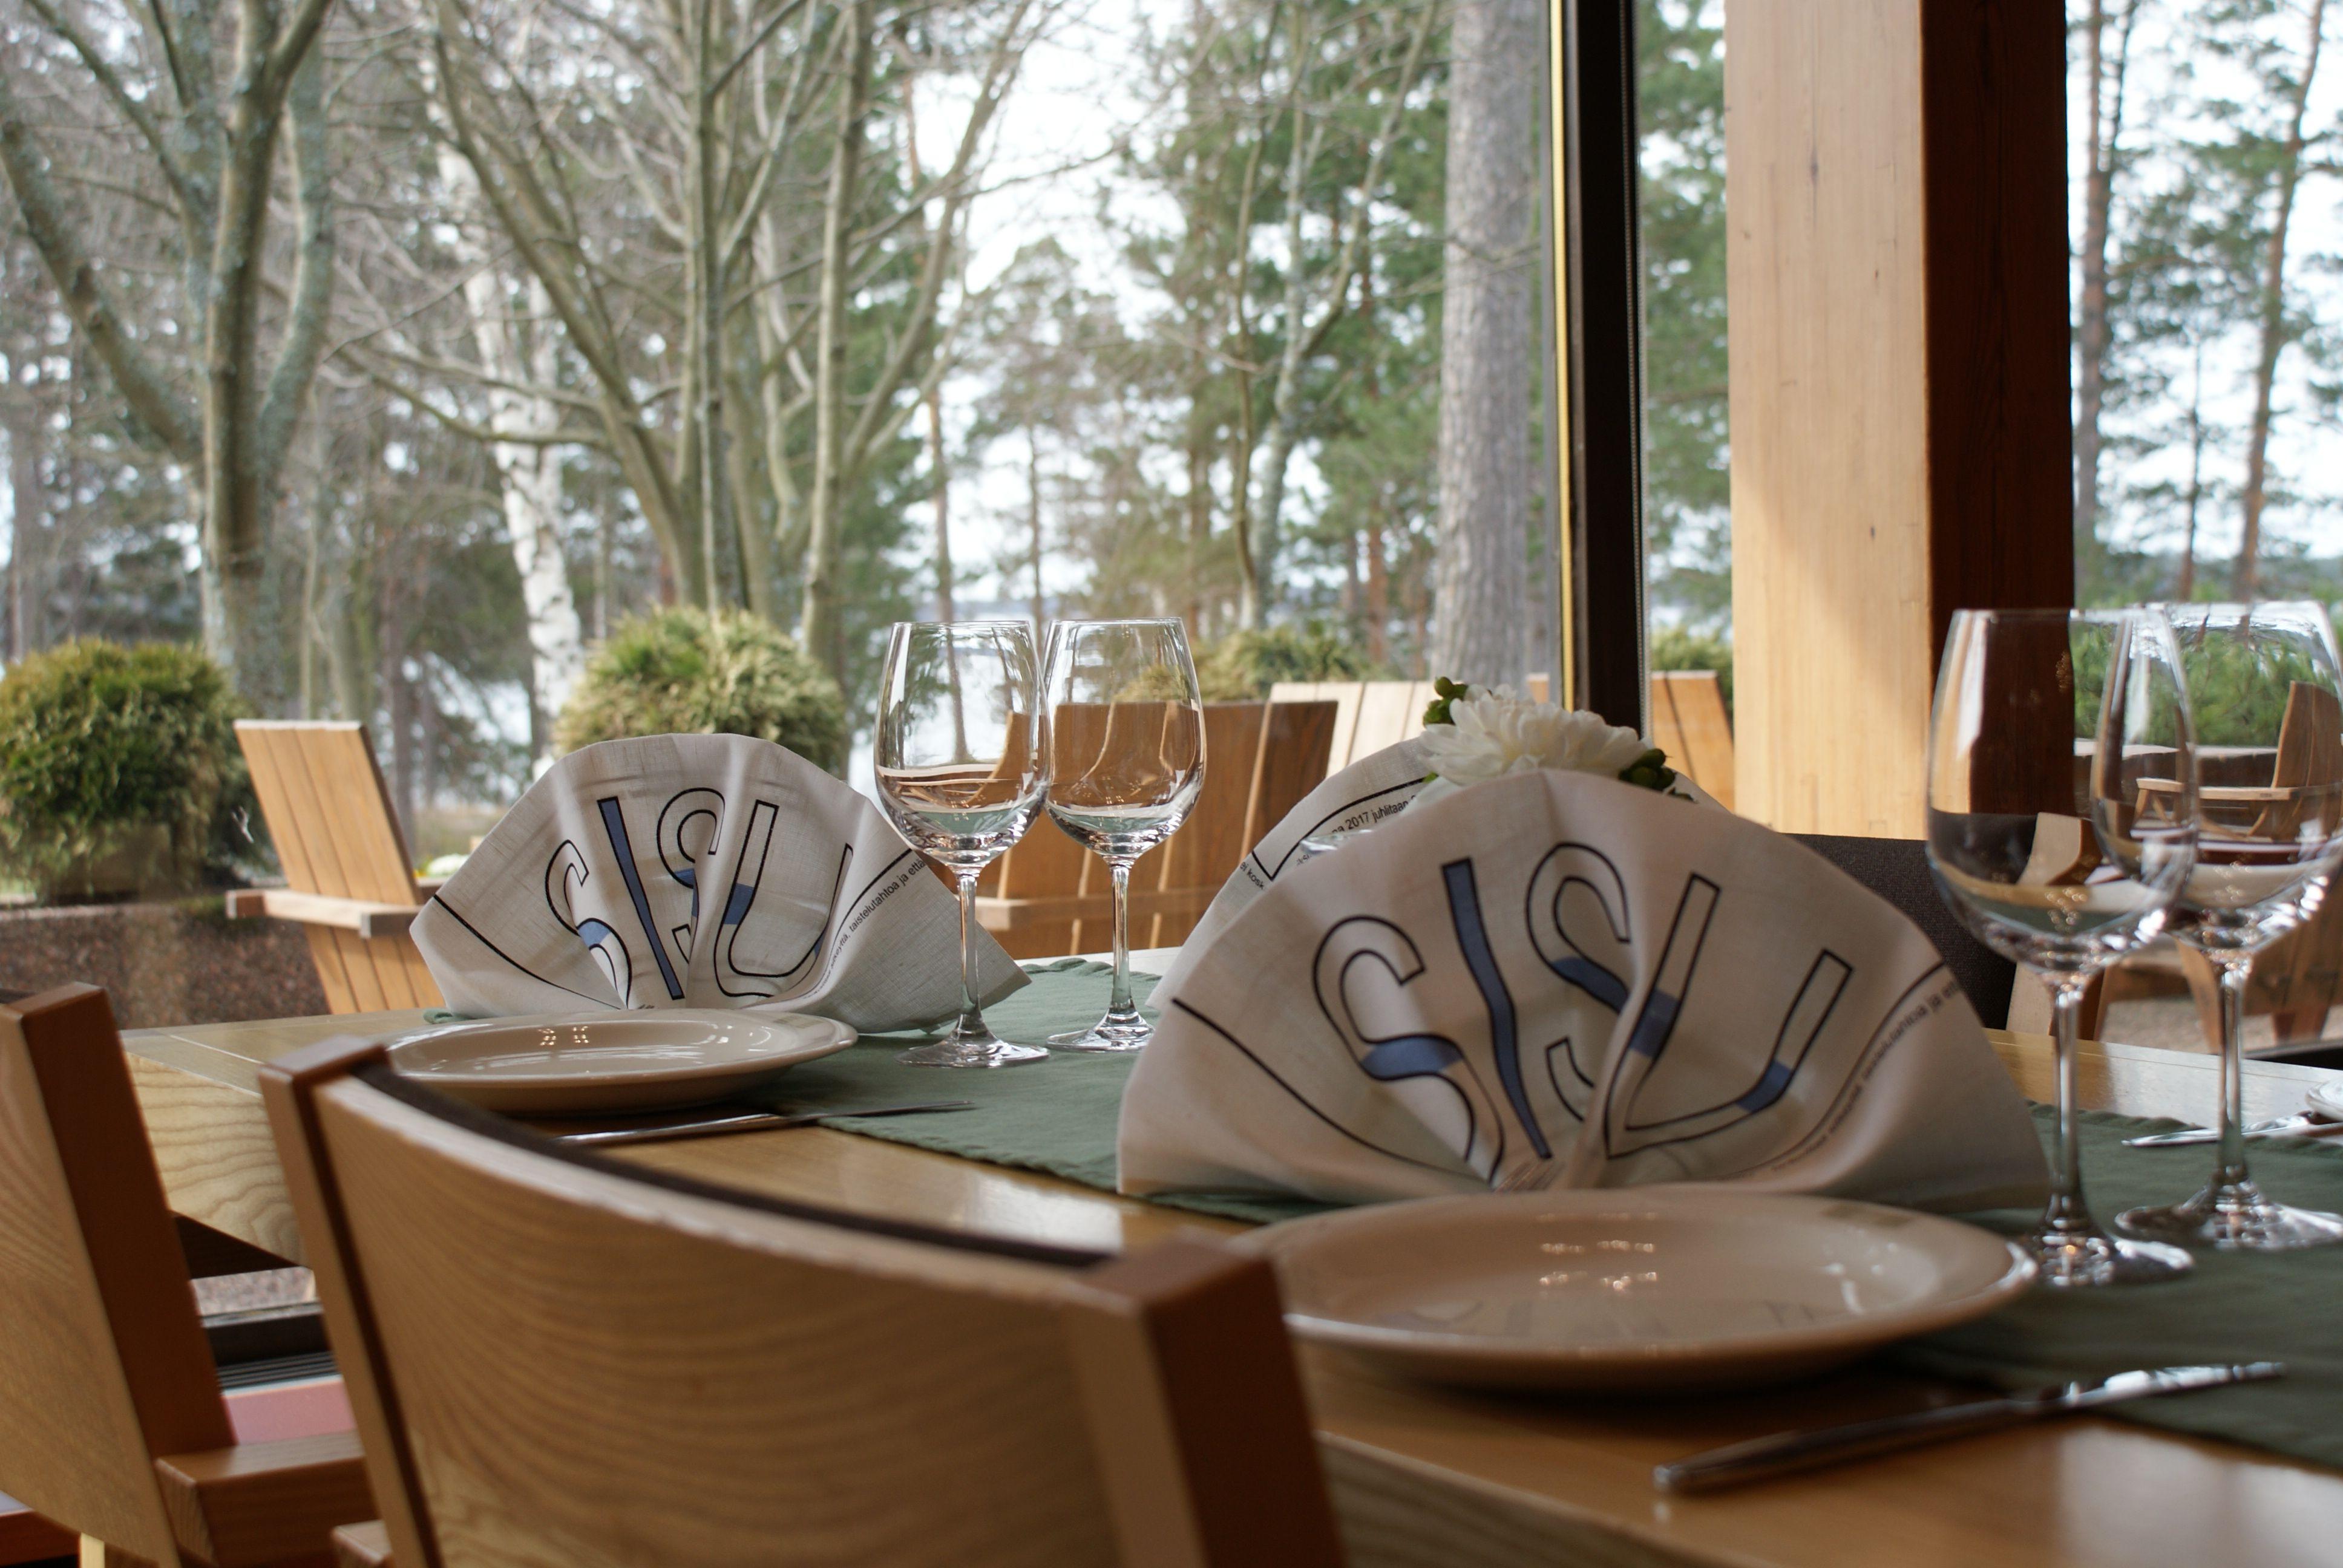 Ravintola Johanna, Hanasaari.